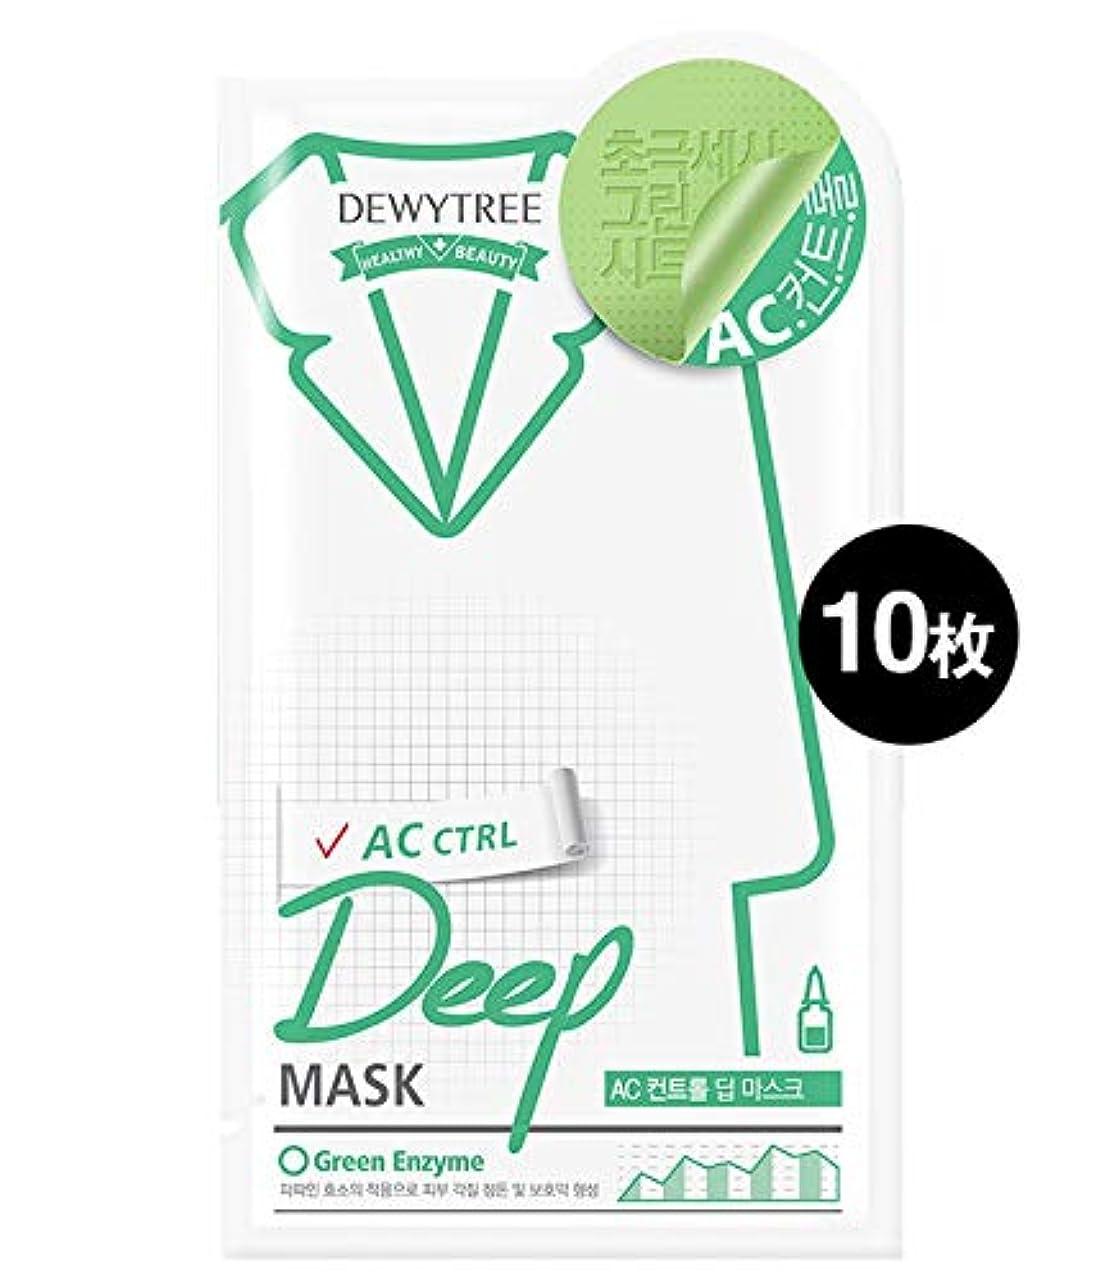 バースゲインセイシェード(デューイトゥリー) DEWYTREE ACコントロールディープマスク 10枚 AC Control Deep Mask 韓国マスクパック (並行輸入品)